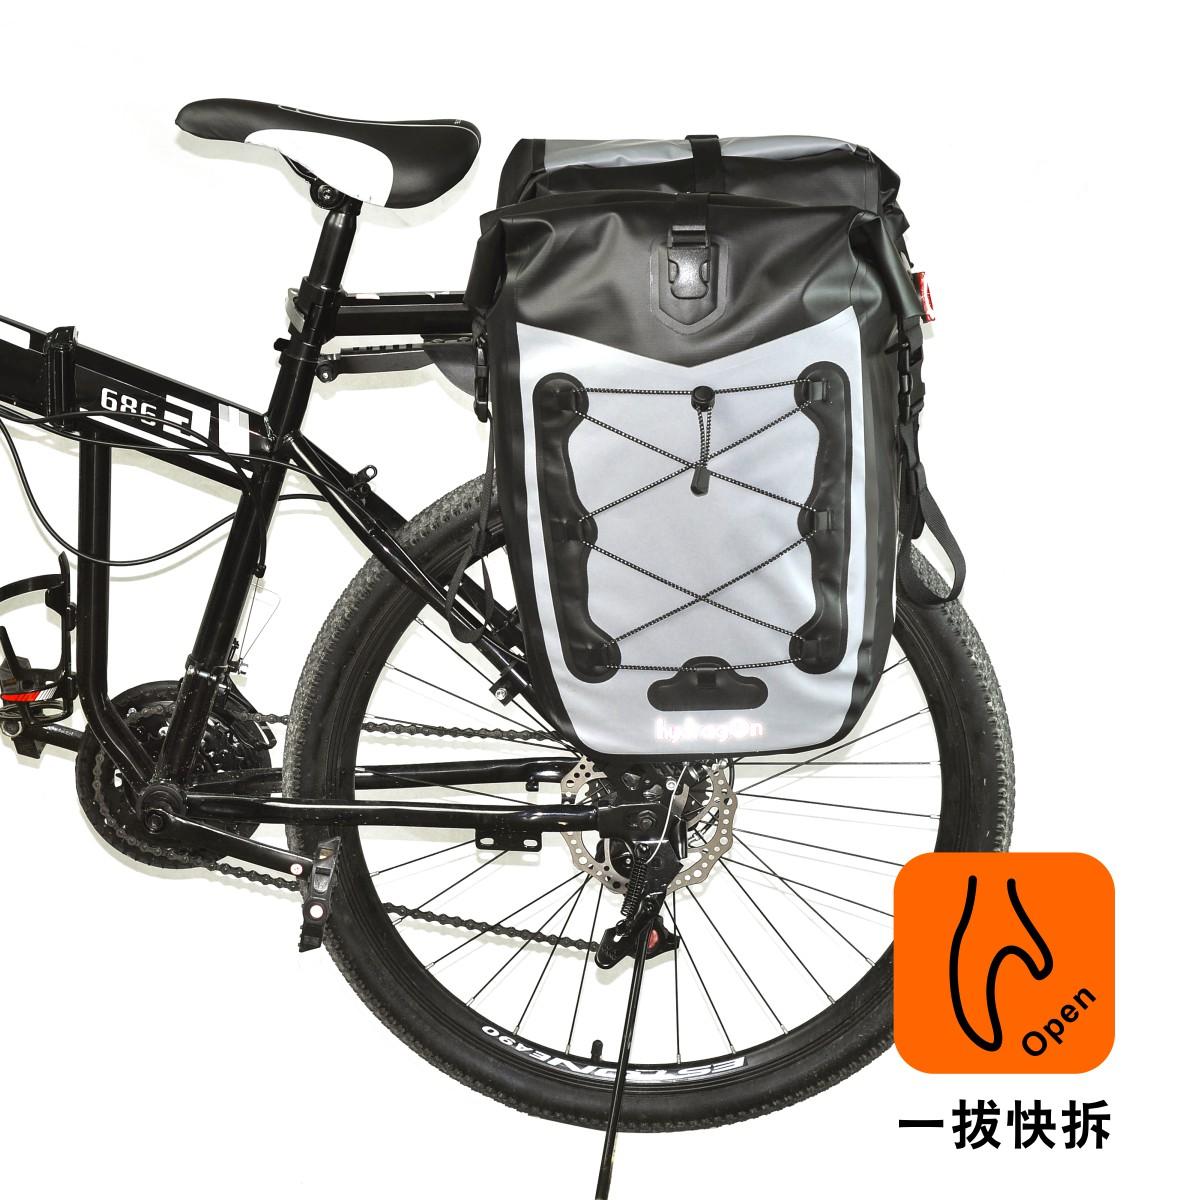 龙爪2代加持海泽龙自行车驮包单车边包山地车侧挂川藏线长途骑行装备包